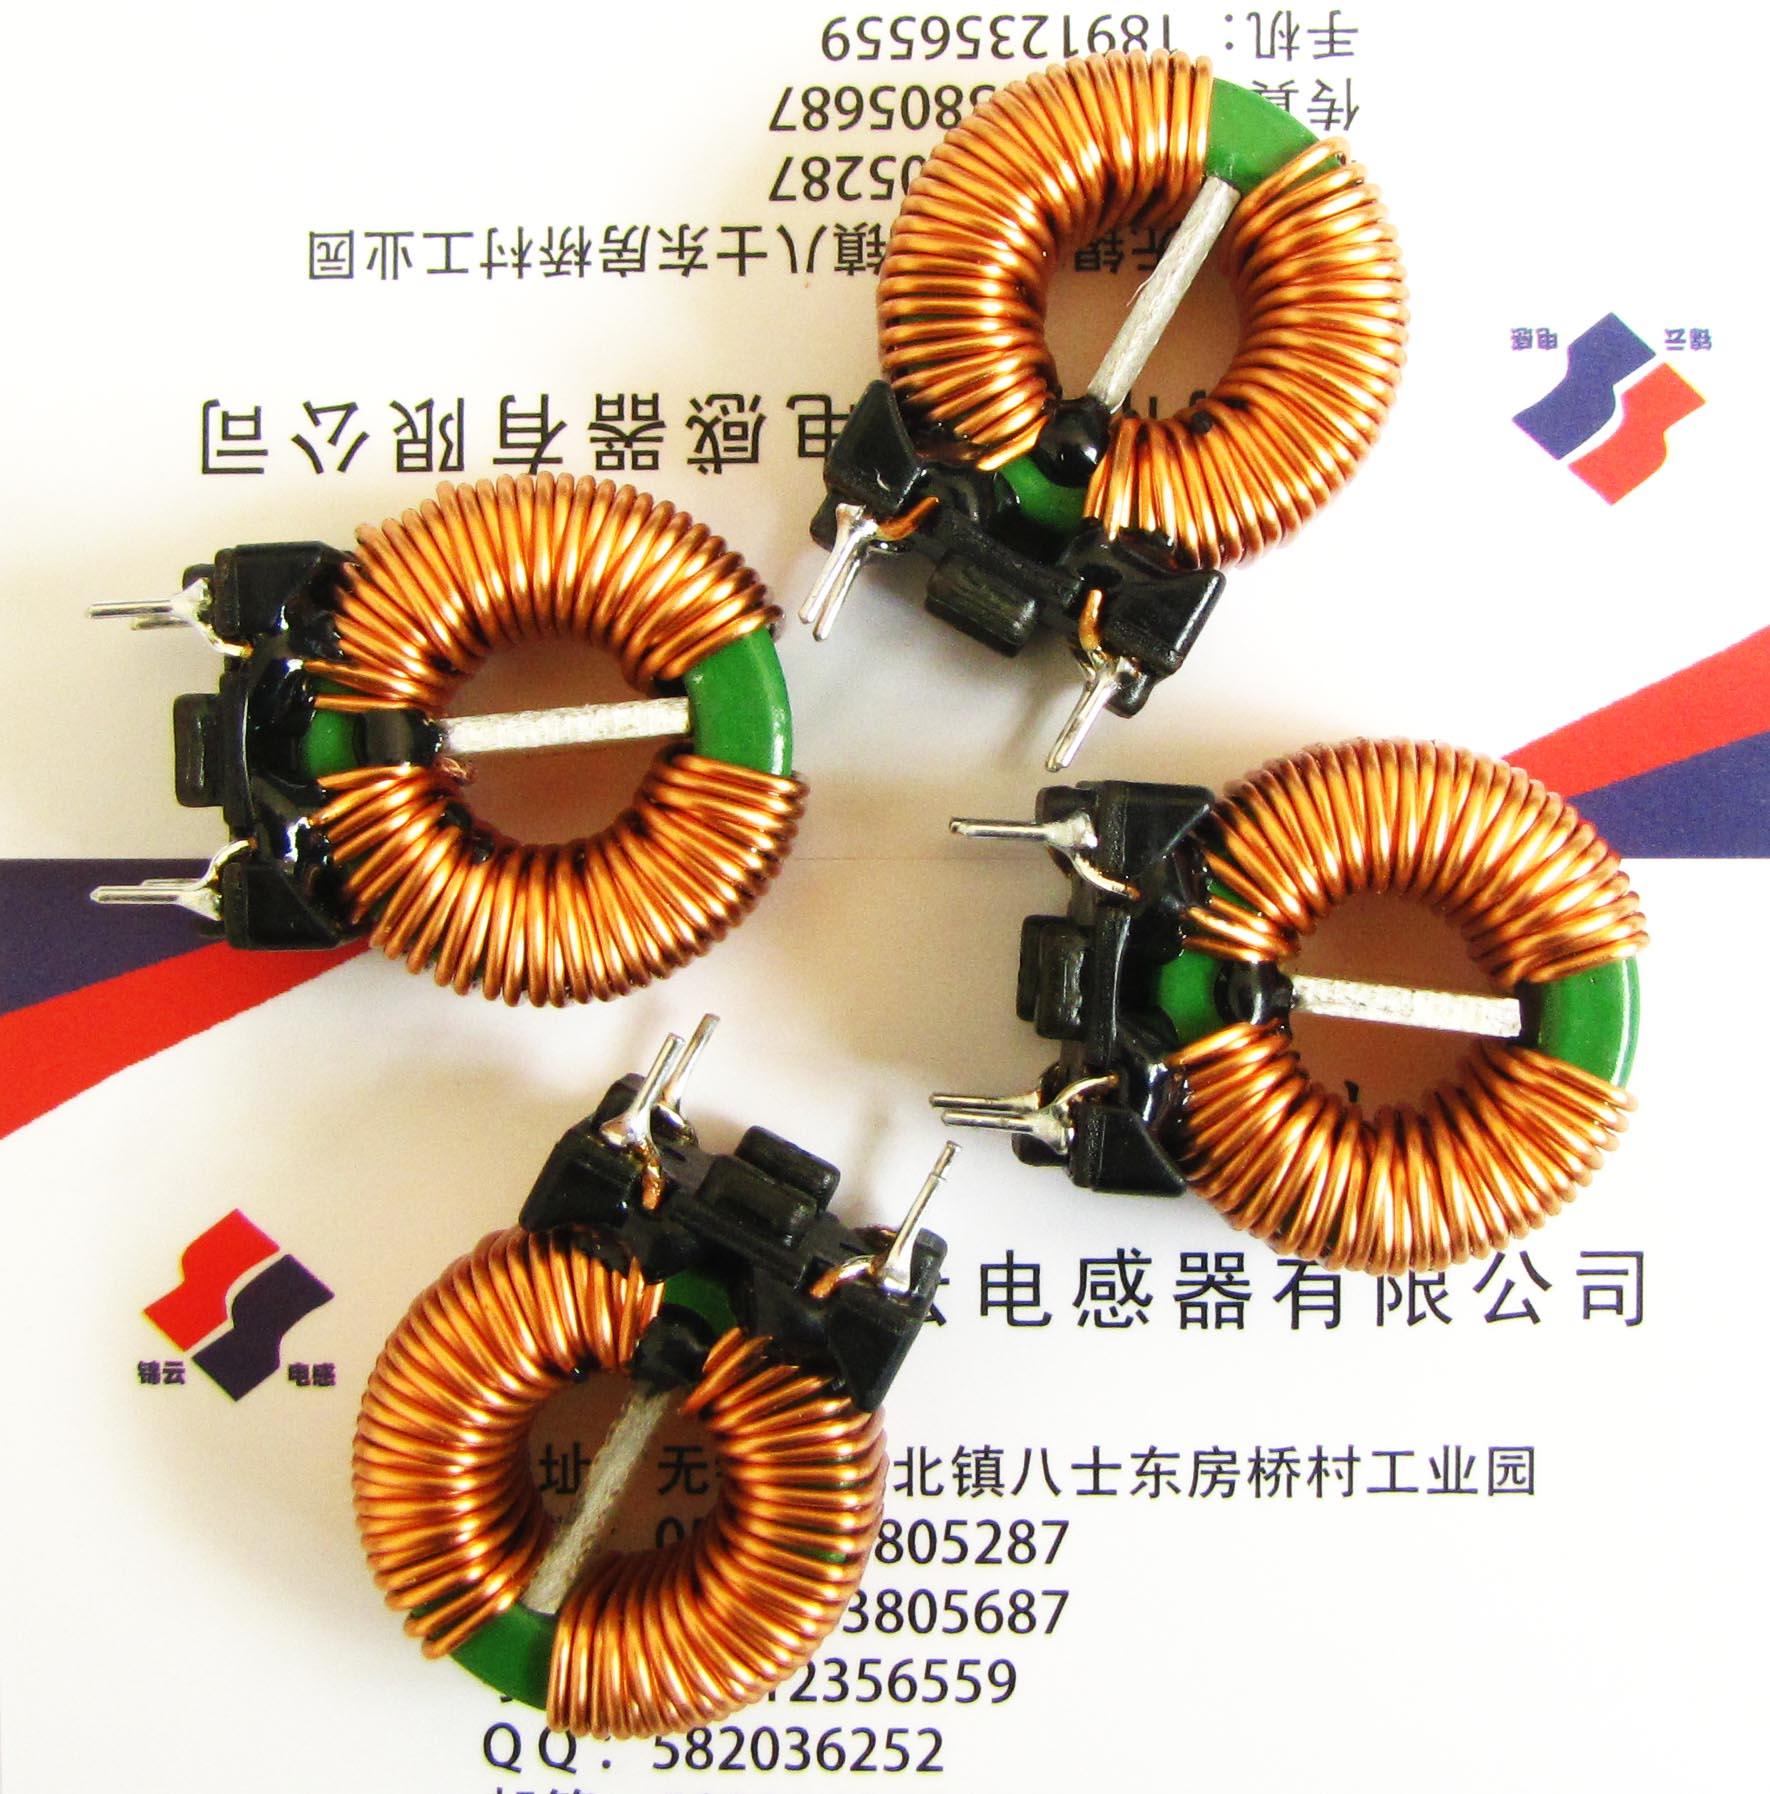 生产厂家供应磁环共模电感 滤波EMI电感